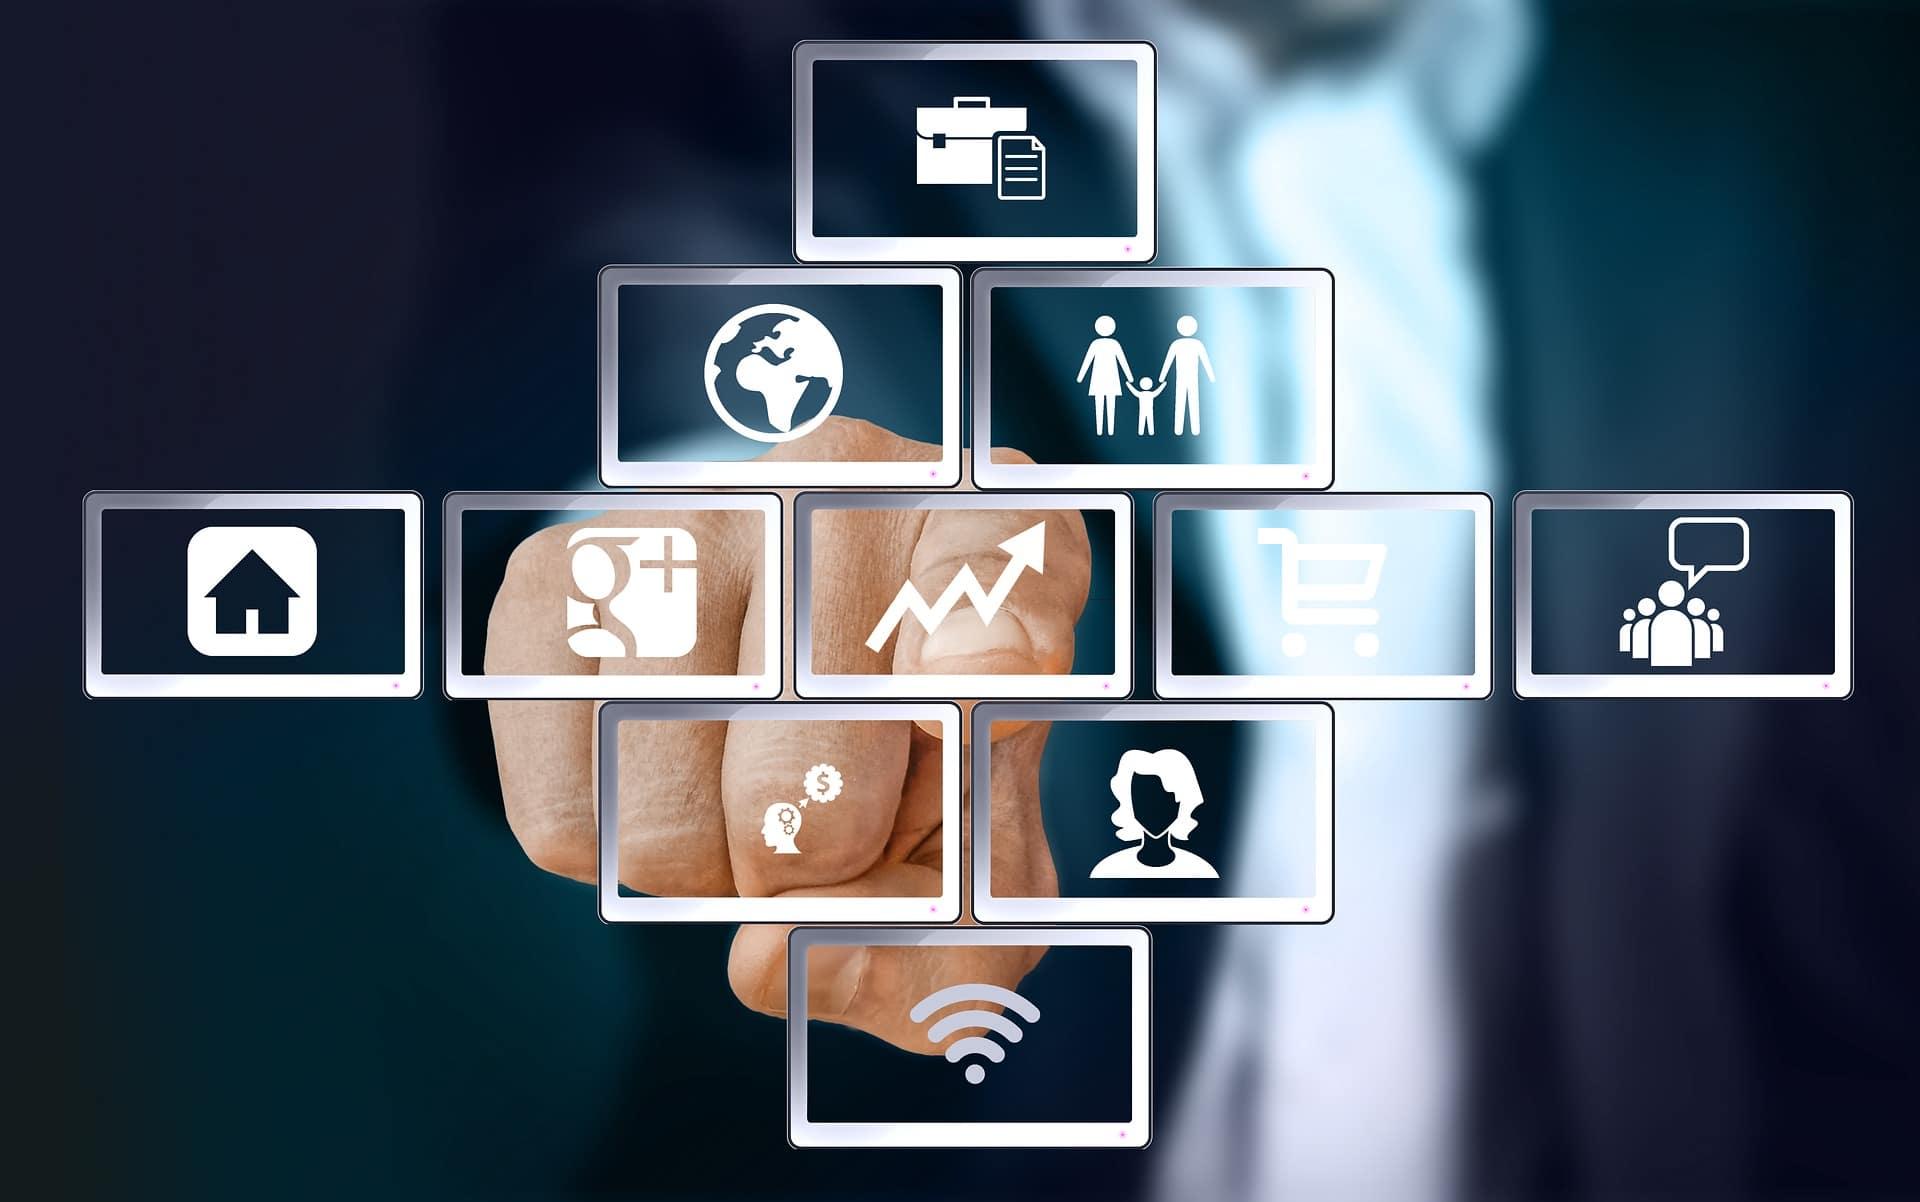 Tendências em tecnologia para 2018